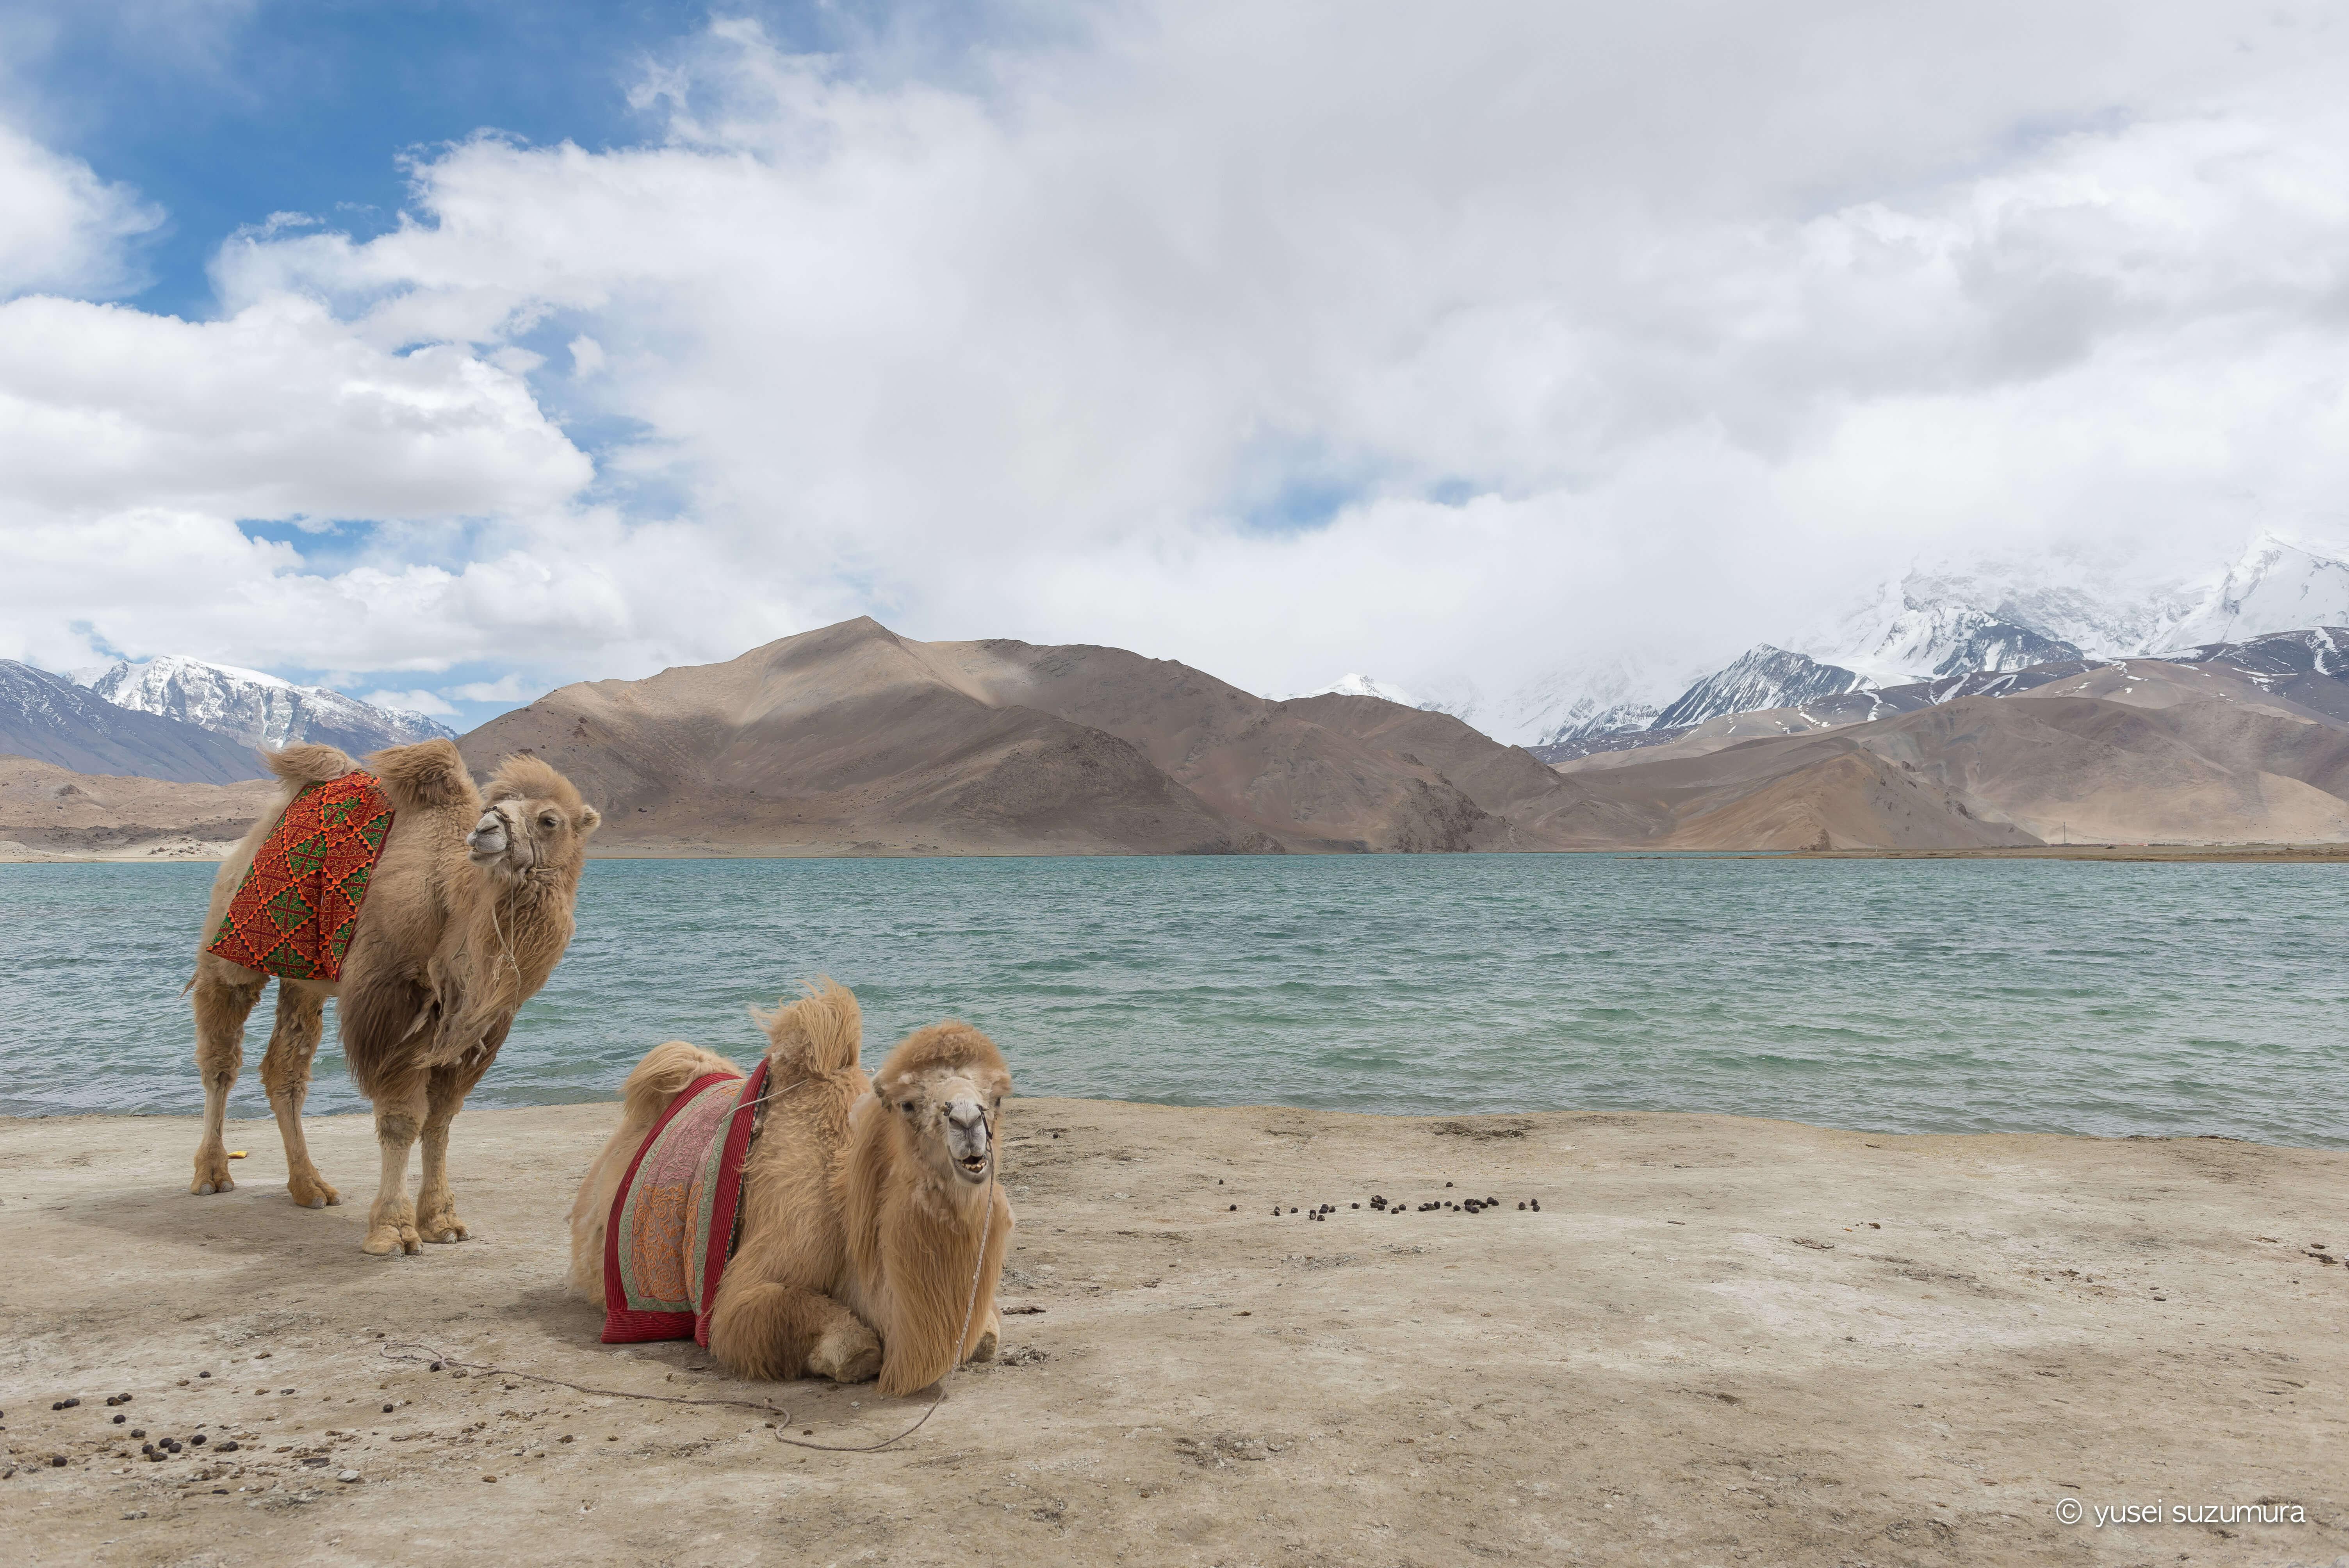 タシュクルガンからカシュガルへ。新疆ウイグル自治区は面白い。